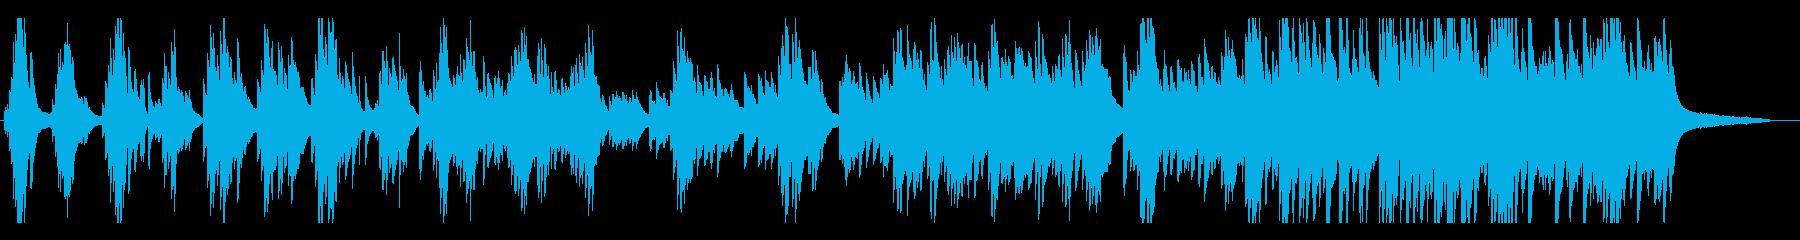 ドキュメンタリー番組OP風 ピアノソロの再生済みの波形